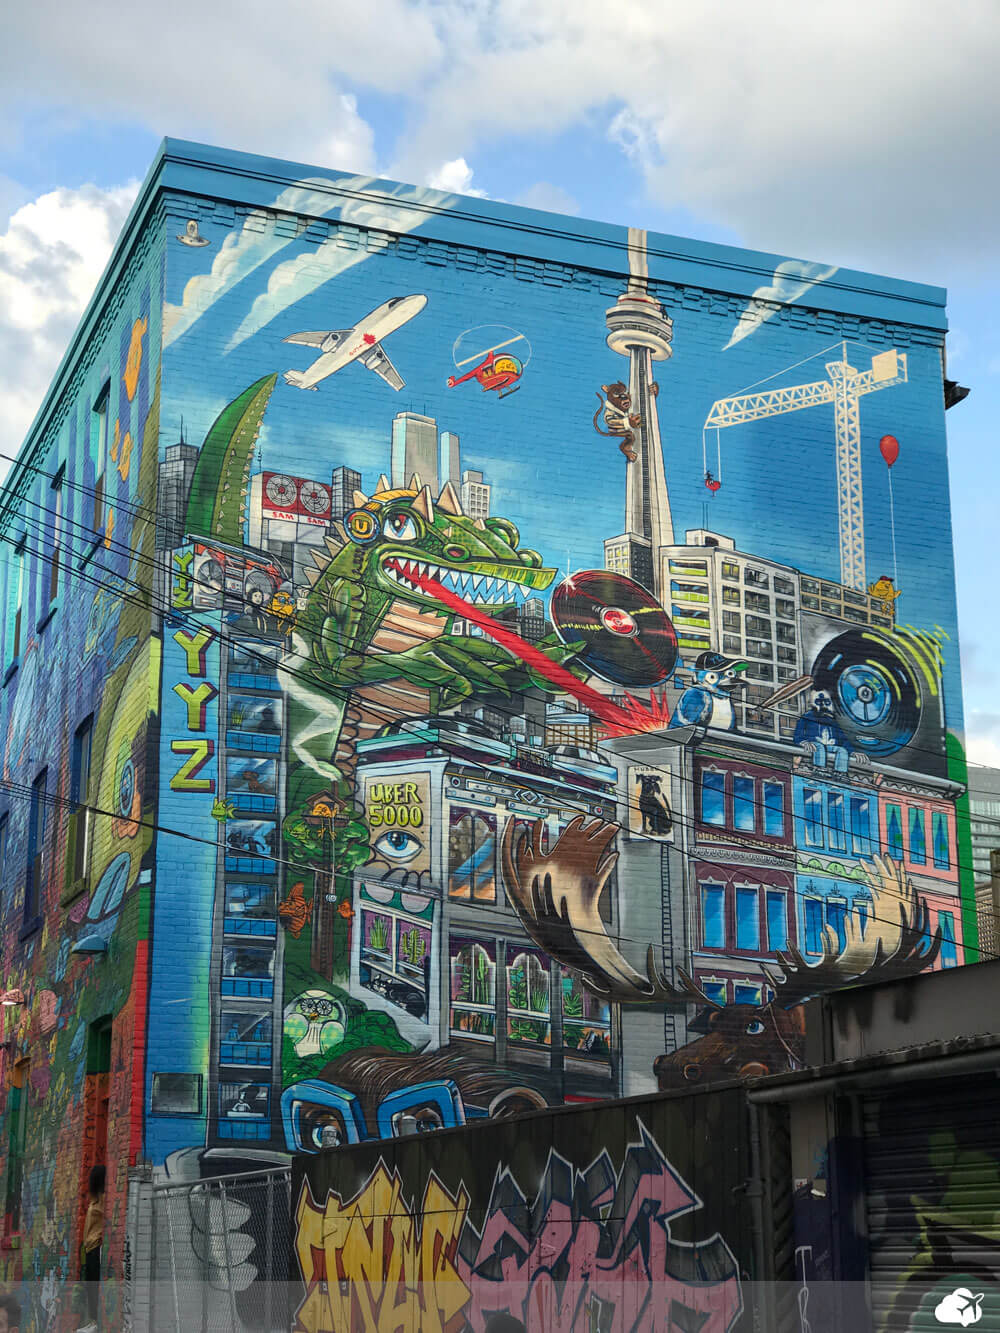 graffiti alley toronto canada